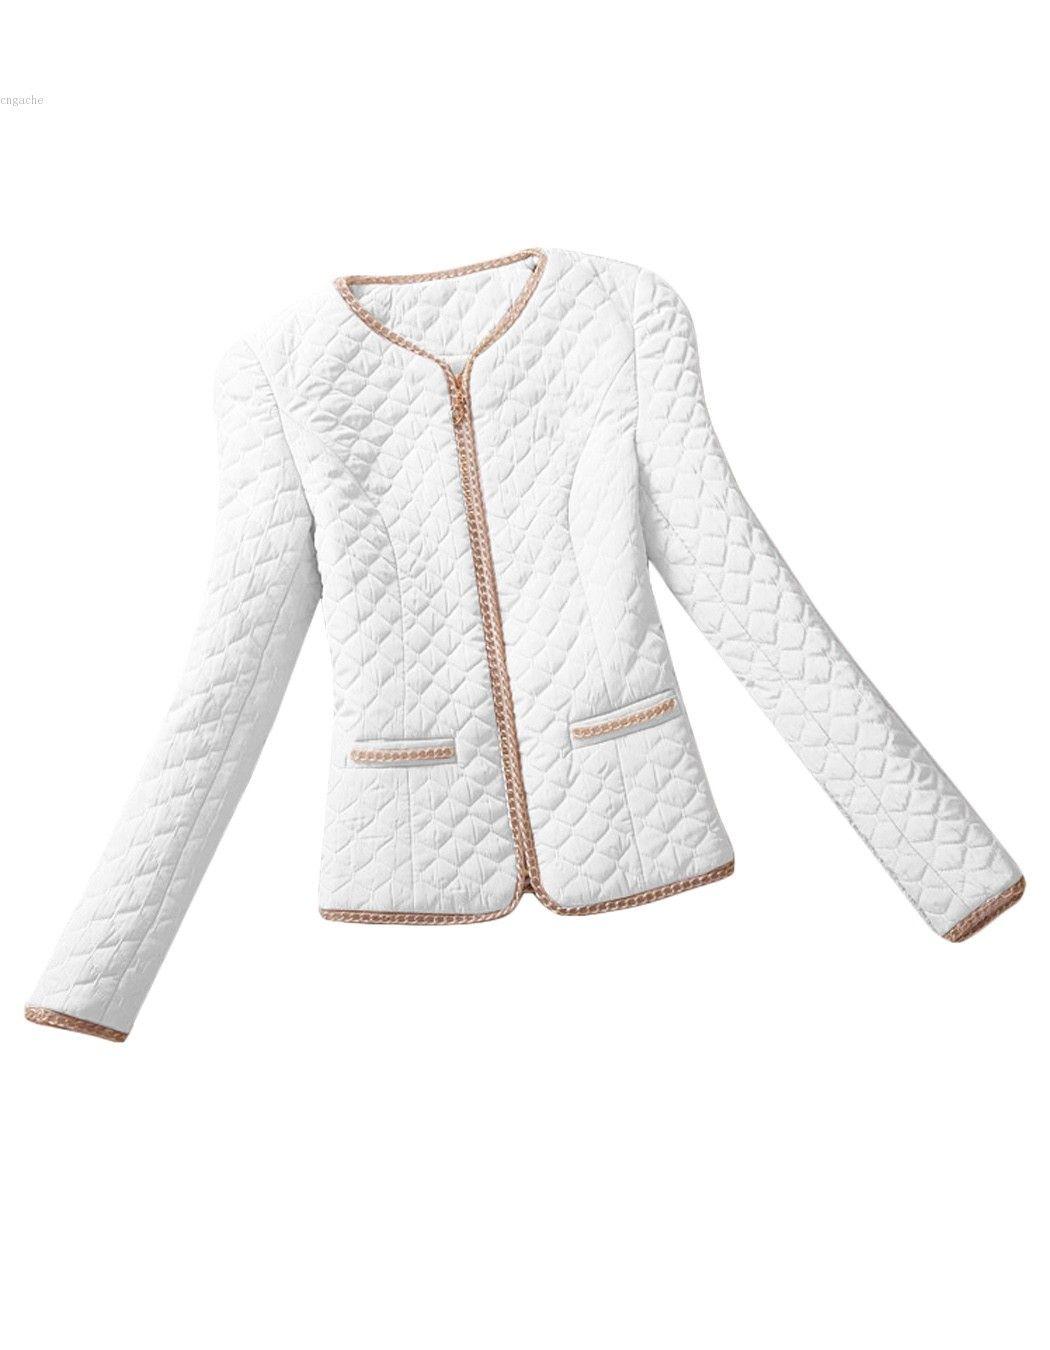 418da49ab1 Encontrar Más Chaquetas Básicas Información acerca de Chaqueta de algodón  para mujer de invierno y otoño capa de moda para mujer delgada de la  chaqueta de ...